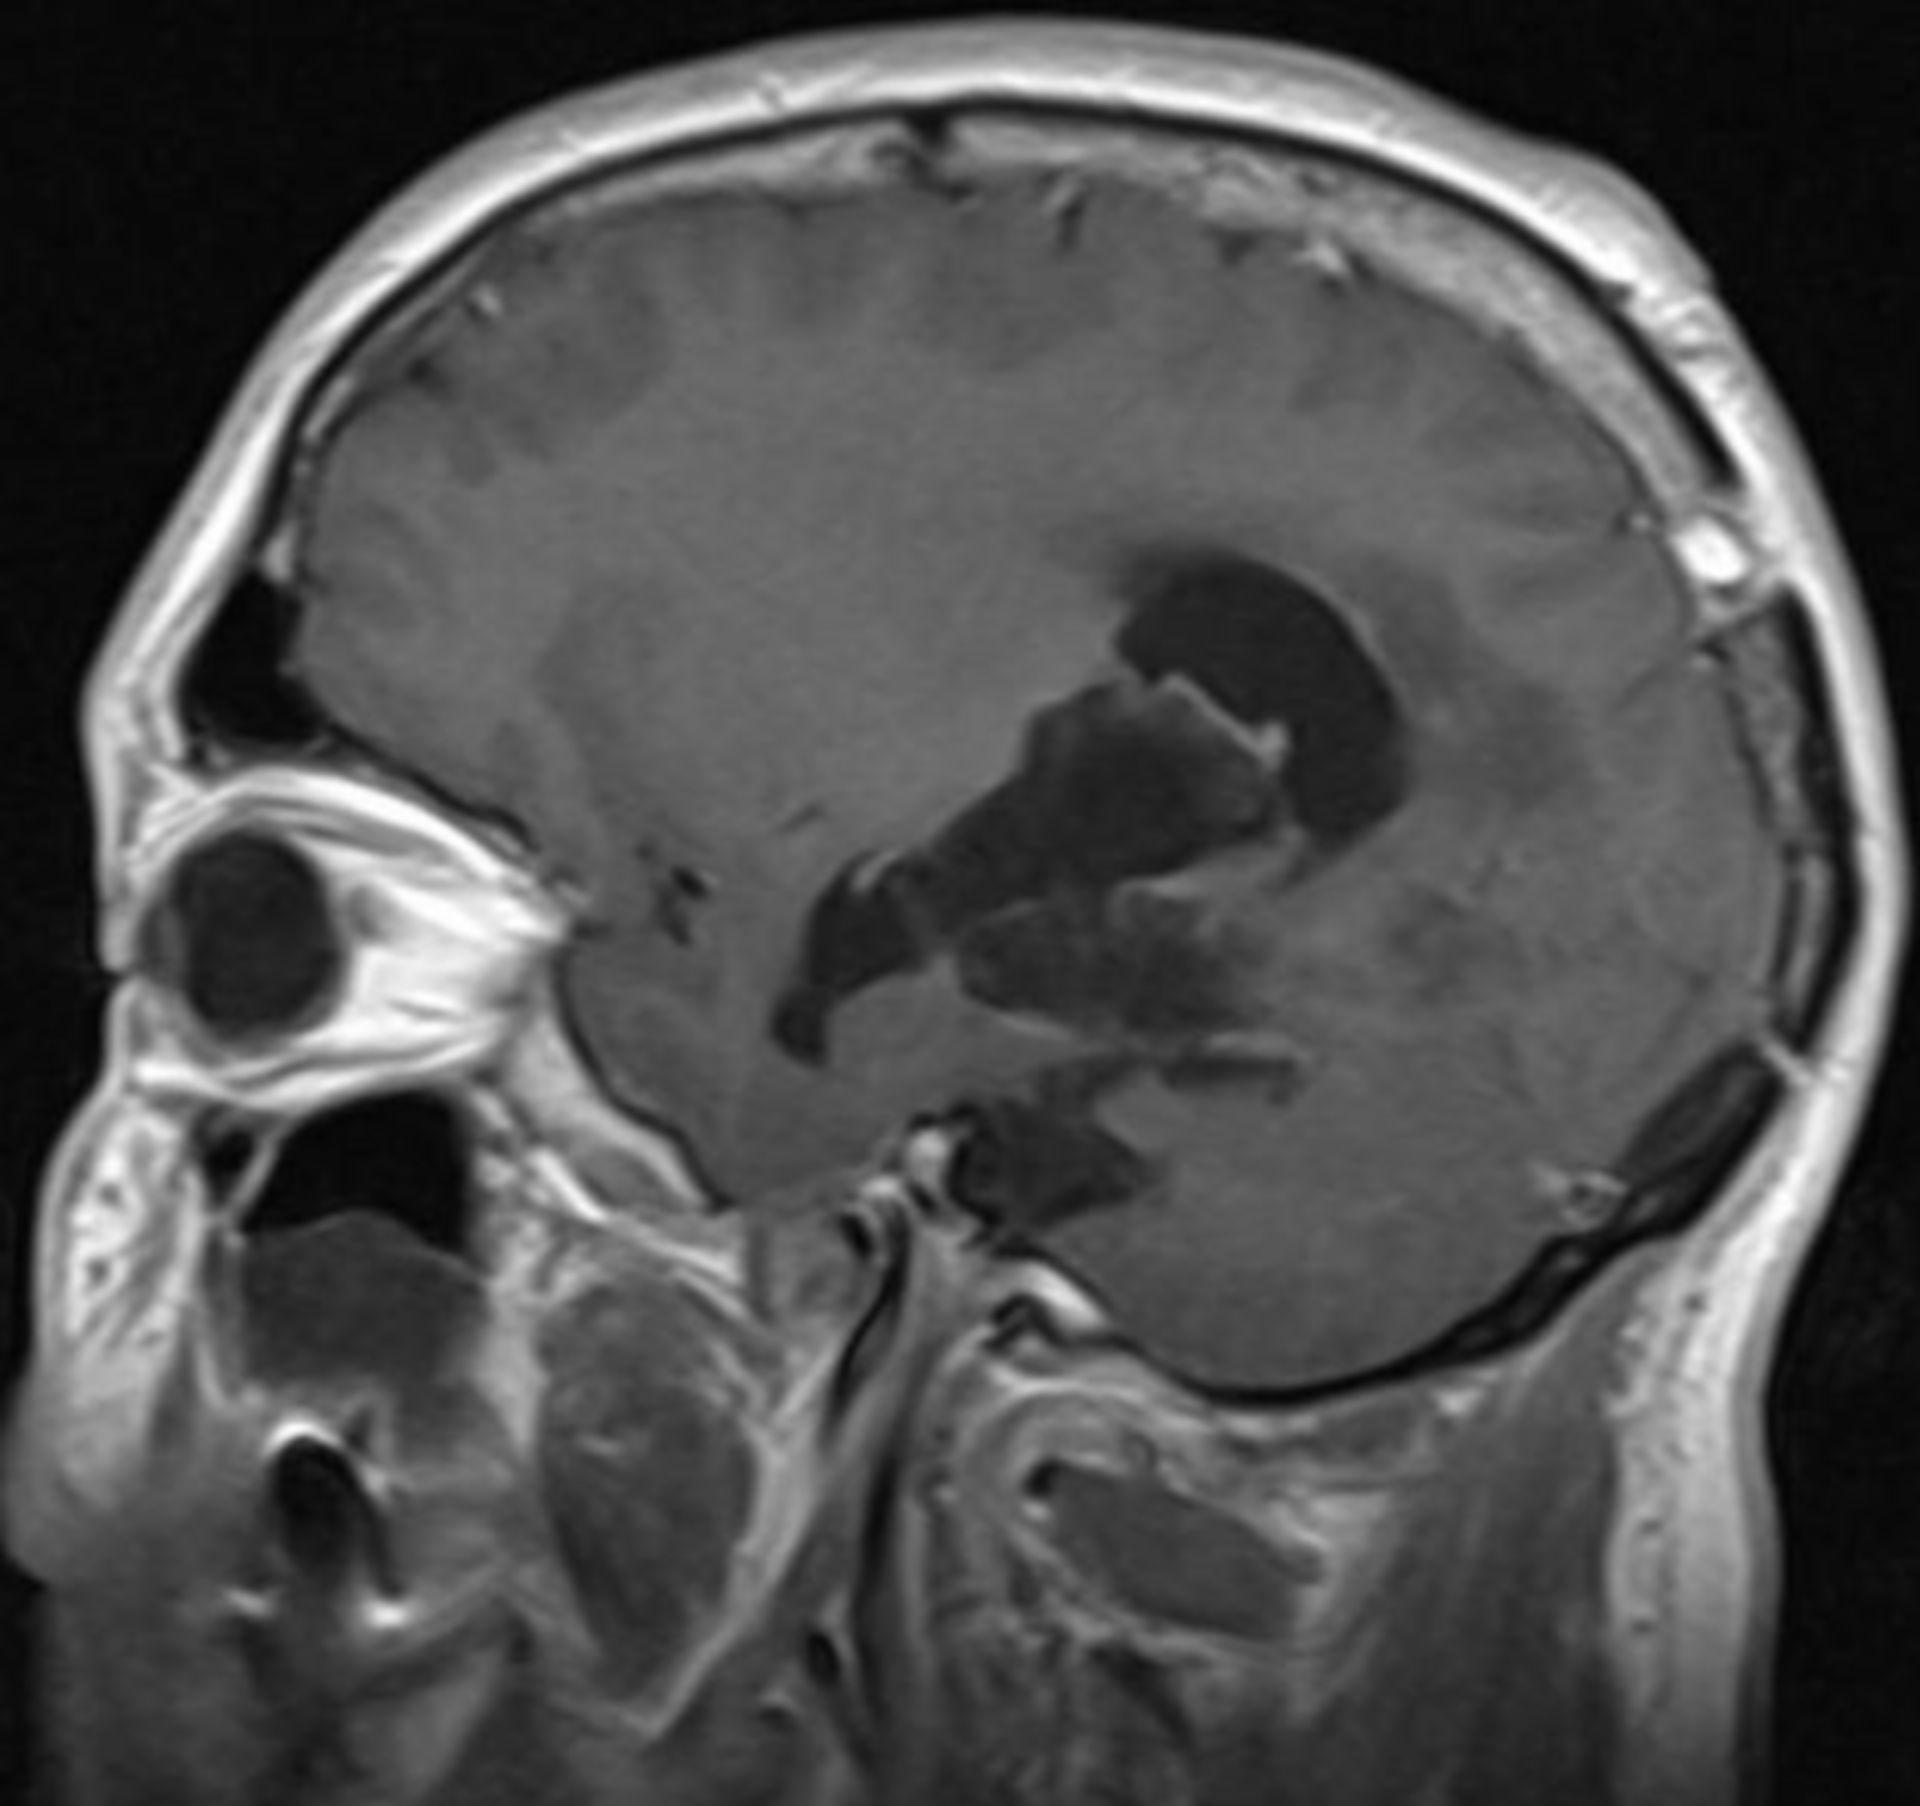 Cisti epidermoide sopra- e sotto-tentoriale - RM sagittale con mezzo di contrasto (cMRI)